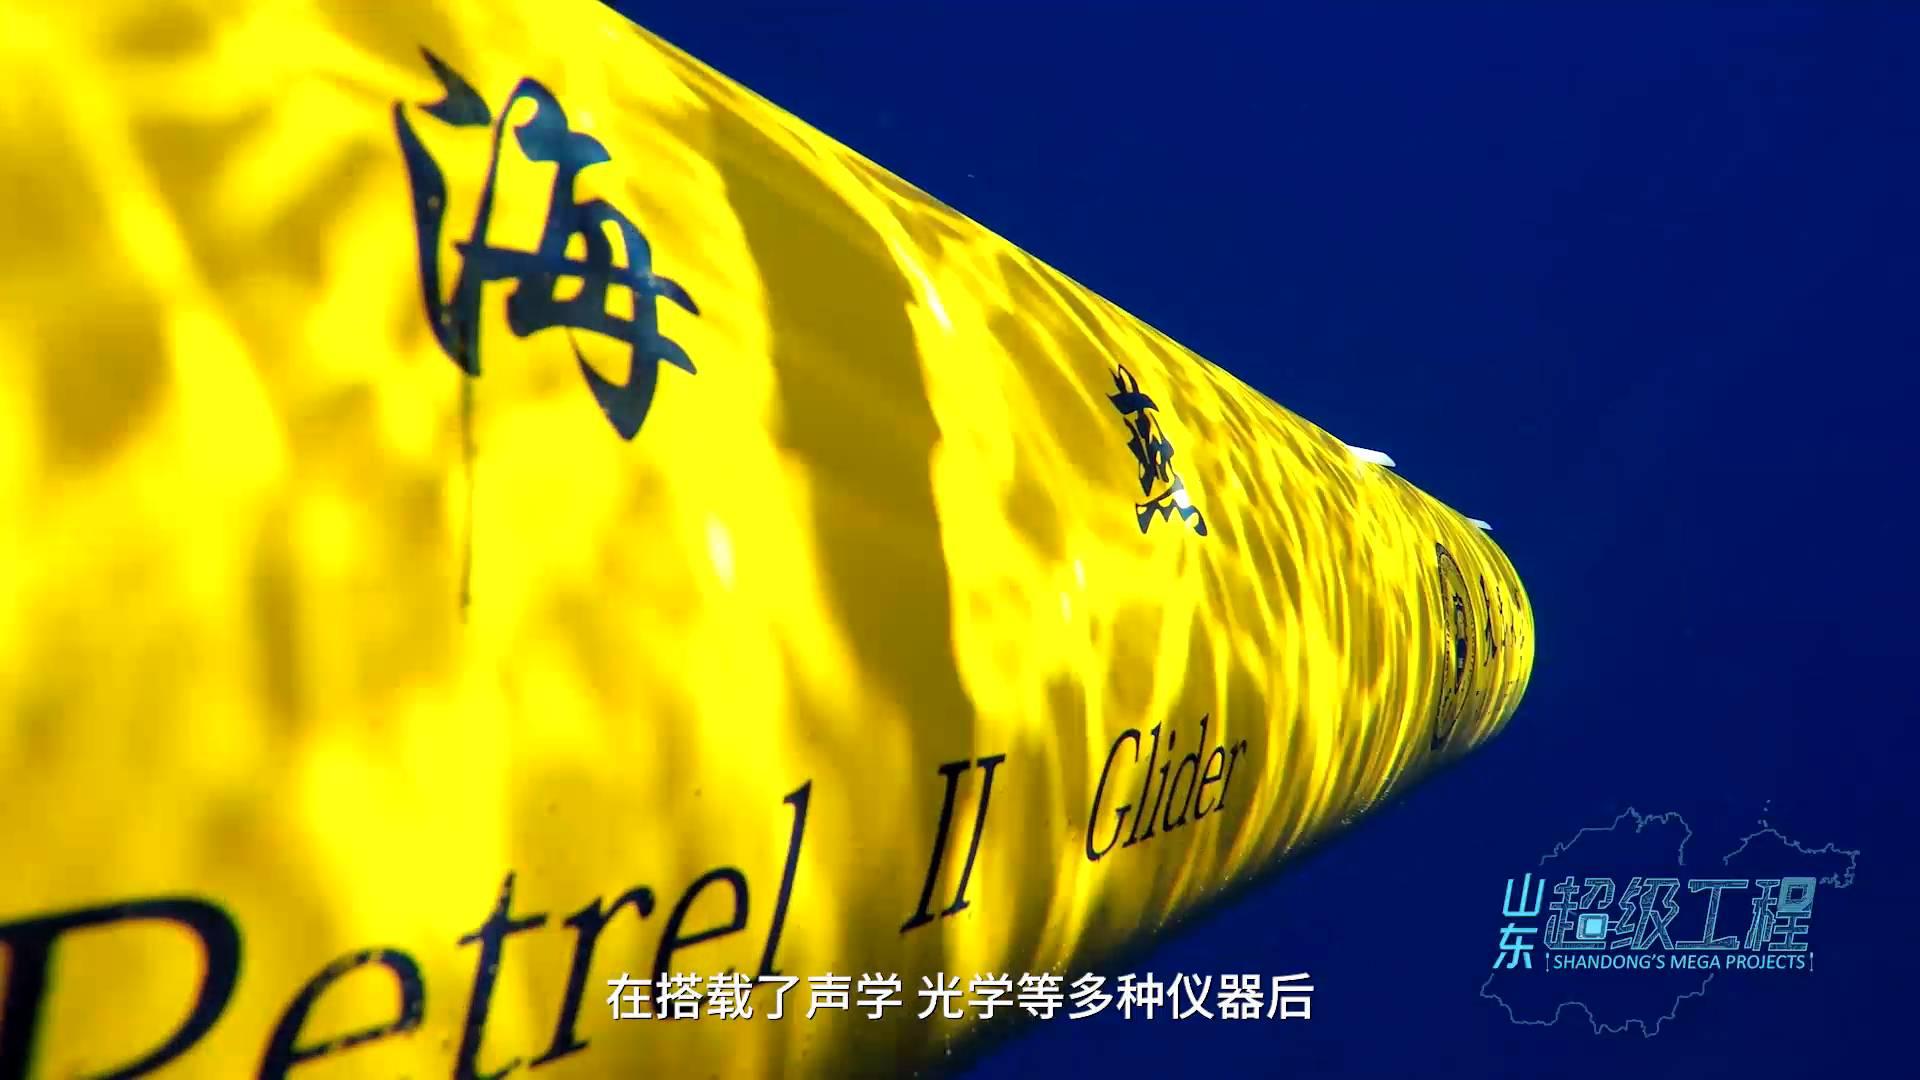 山东超级工程丨这个中国探海重器有多牛 打破全球深潜纪录